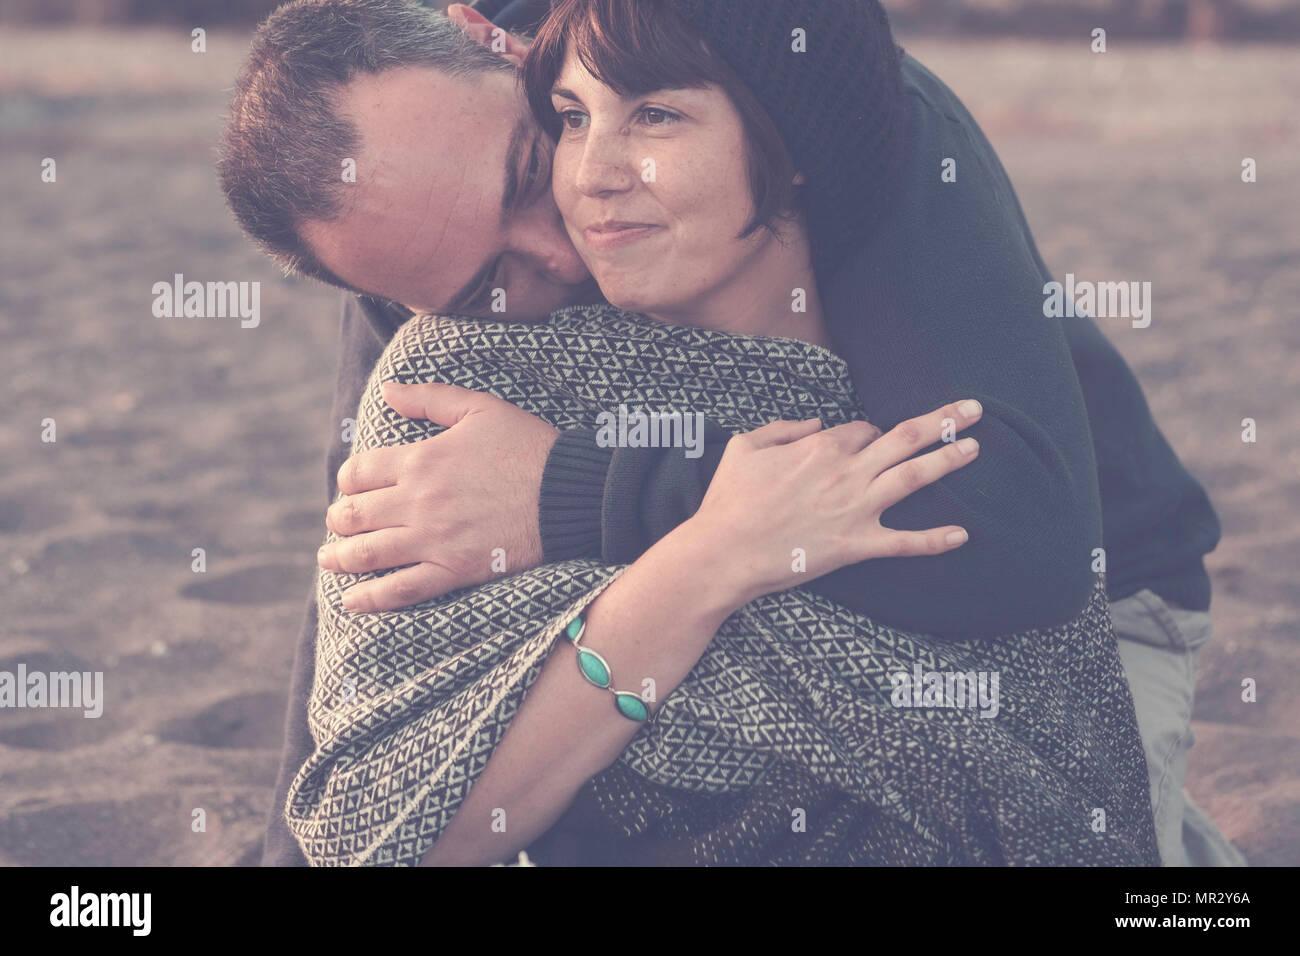 Nette Mann und Frau mittleren Alters Spaß in Liebe am Strand Outdoor. Freizeitbeschäftigung und Big Hug für Liebe Konzept und romantische Szene der Mann embra Stockbild